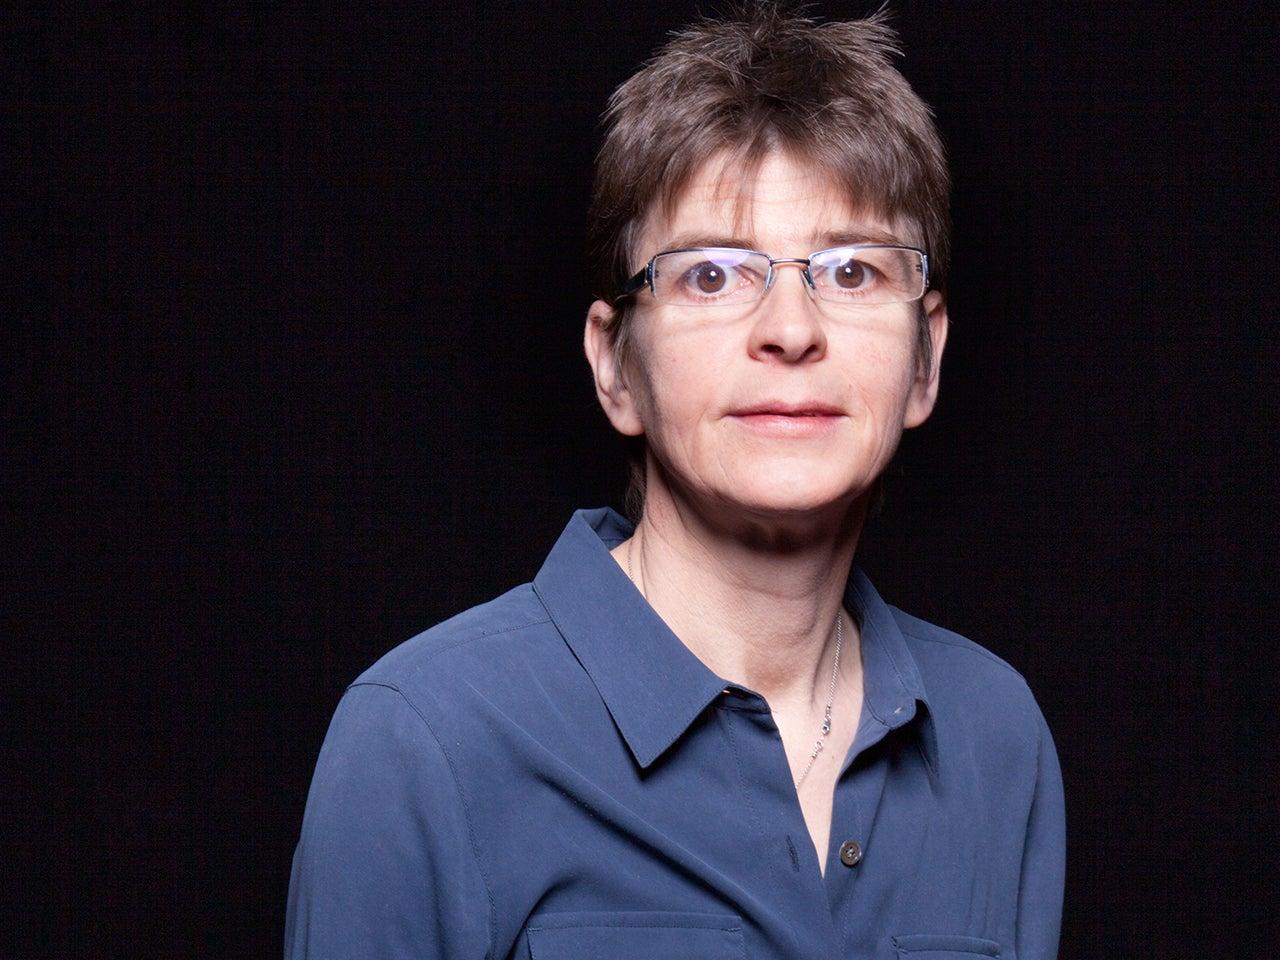 Linda Van Aelst